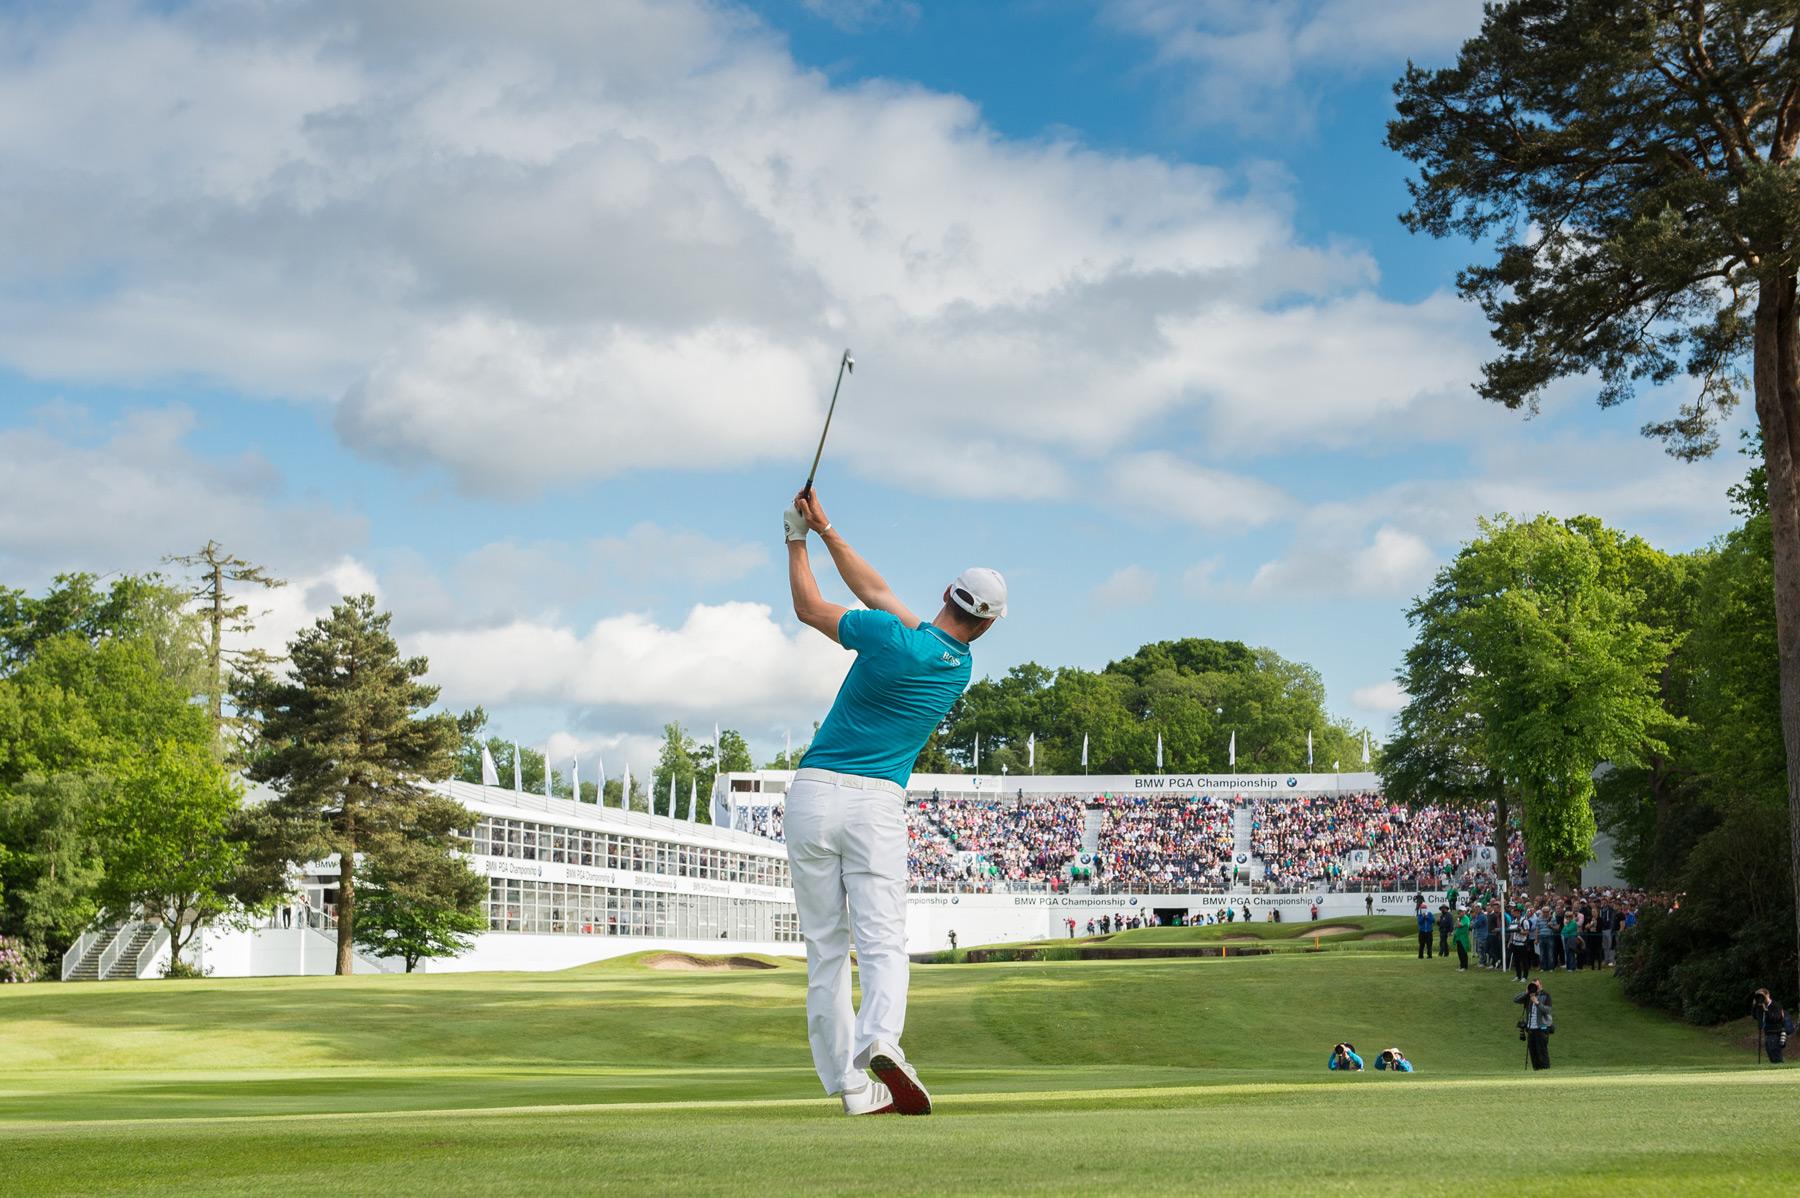 Wentworth-Golf-Course-Adam-Scott